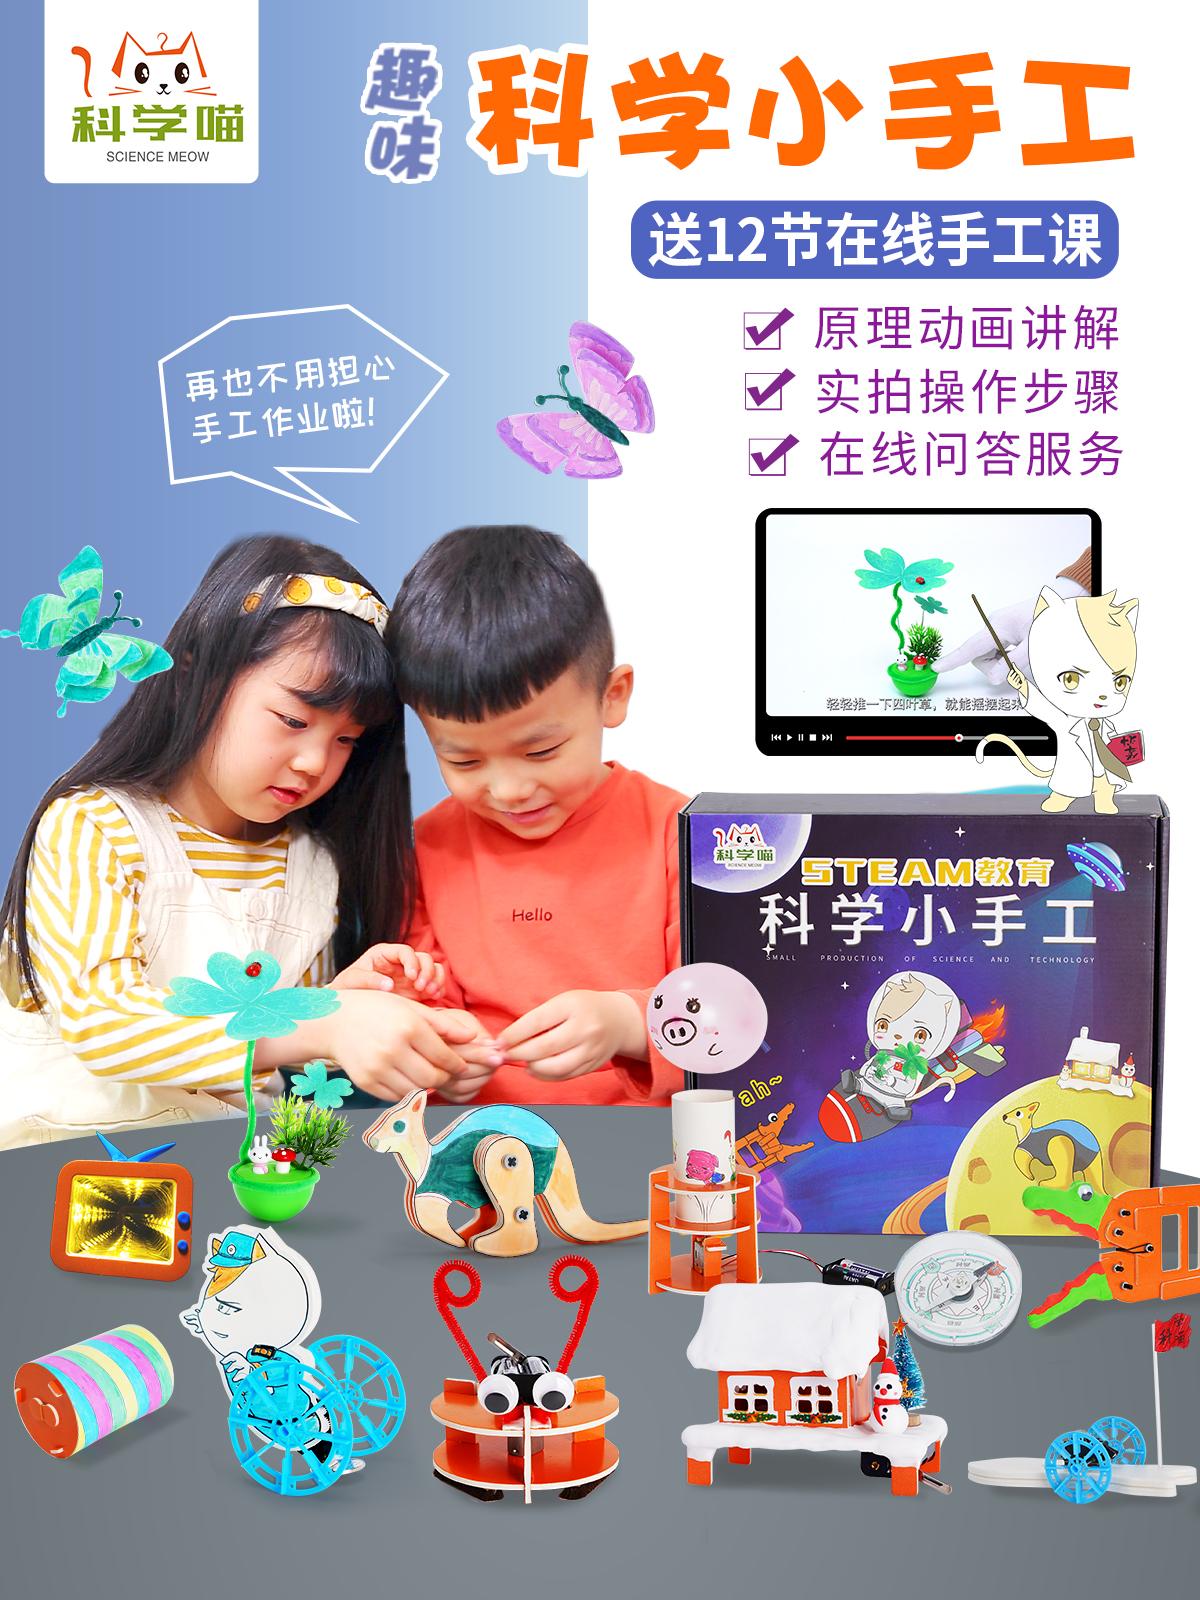 科学喵小手工儿童科技小制作益智实验拼装玩具六一礼物diy材料